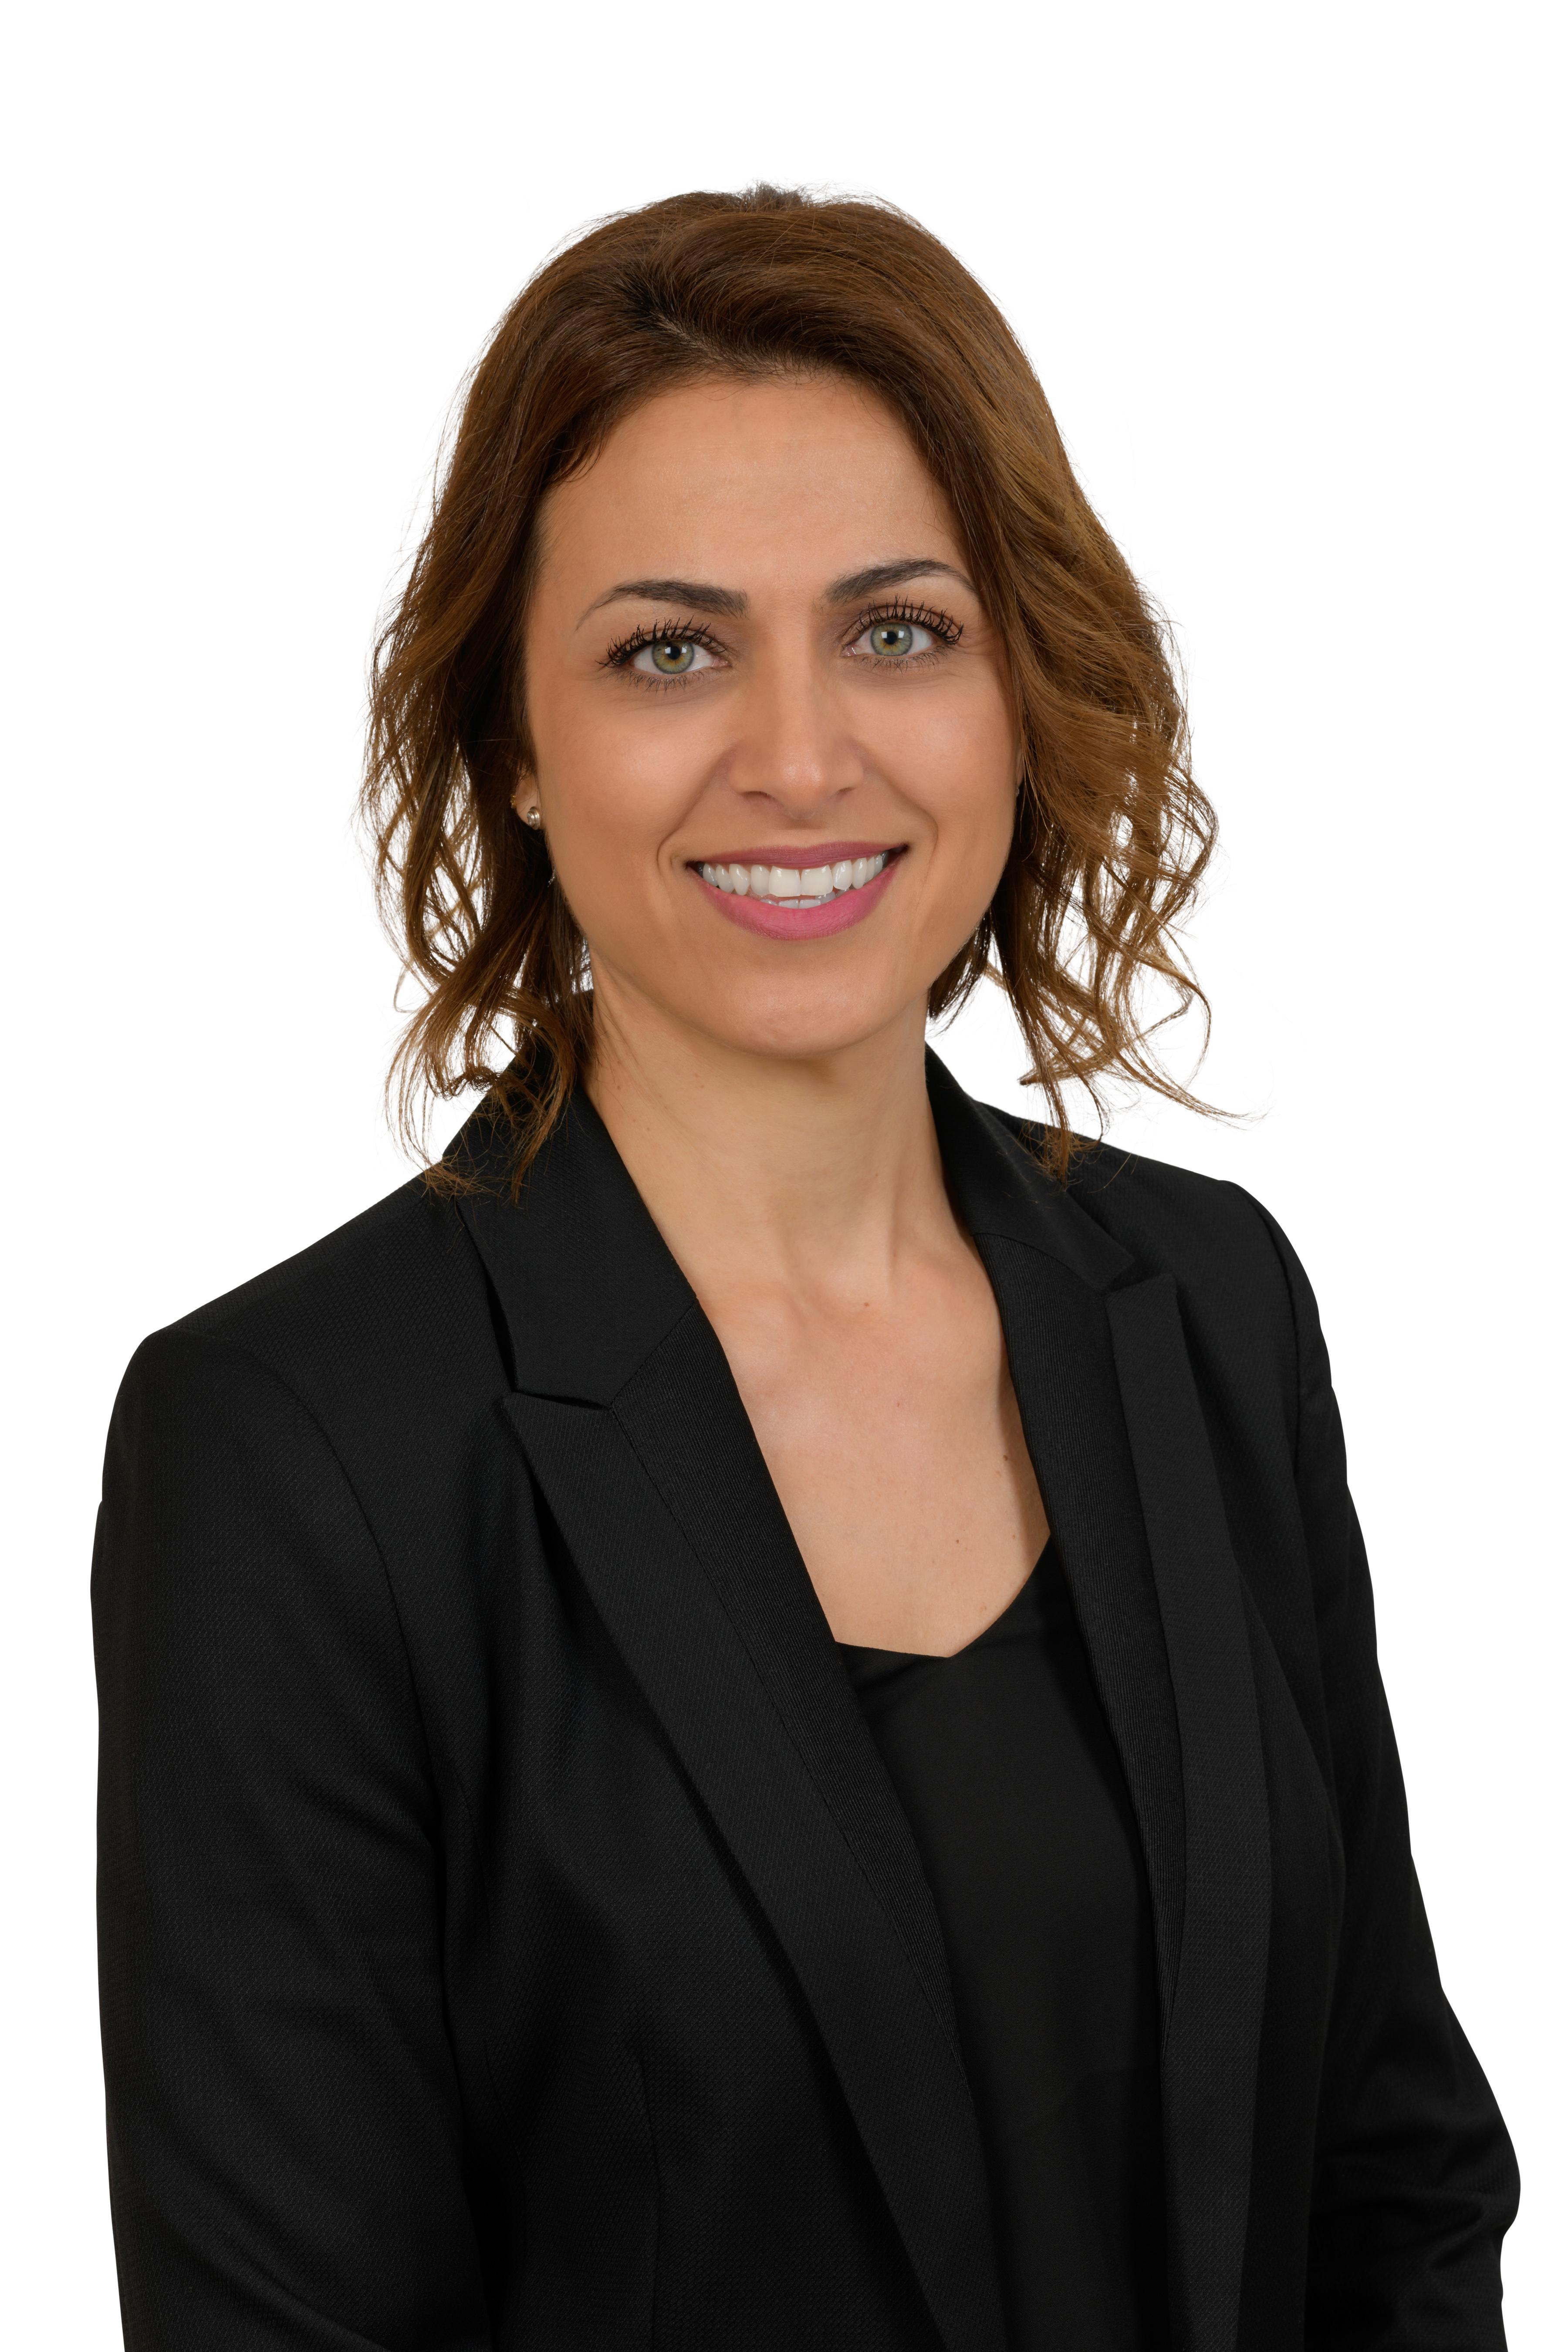 Eva Abou-Antoun